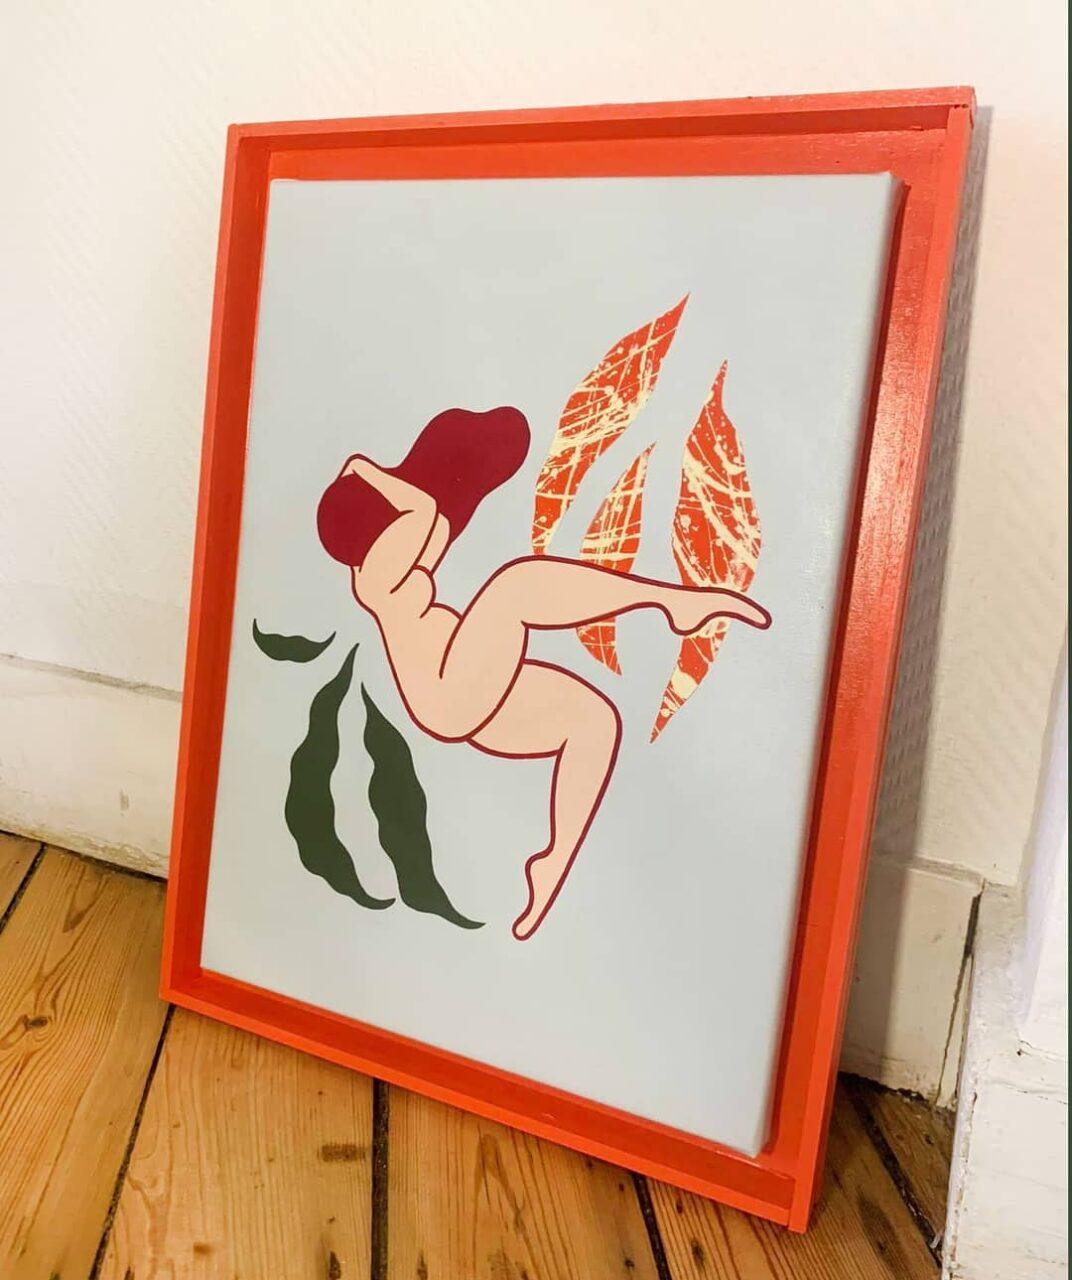 acrylic on canvas, 30 x 40 cm, 2021